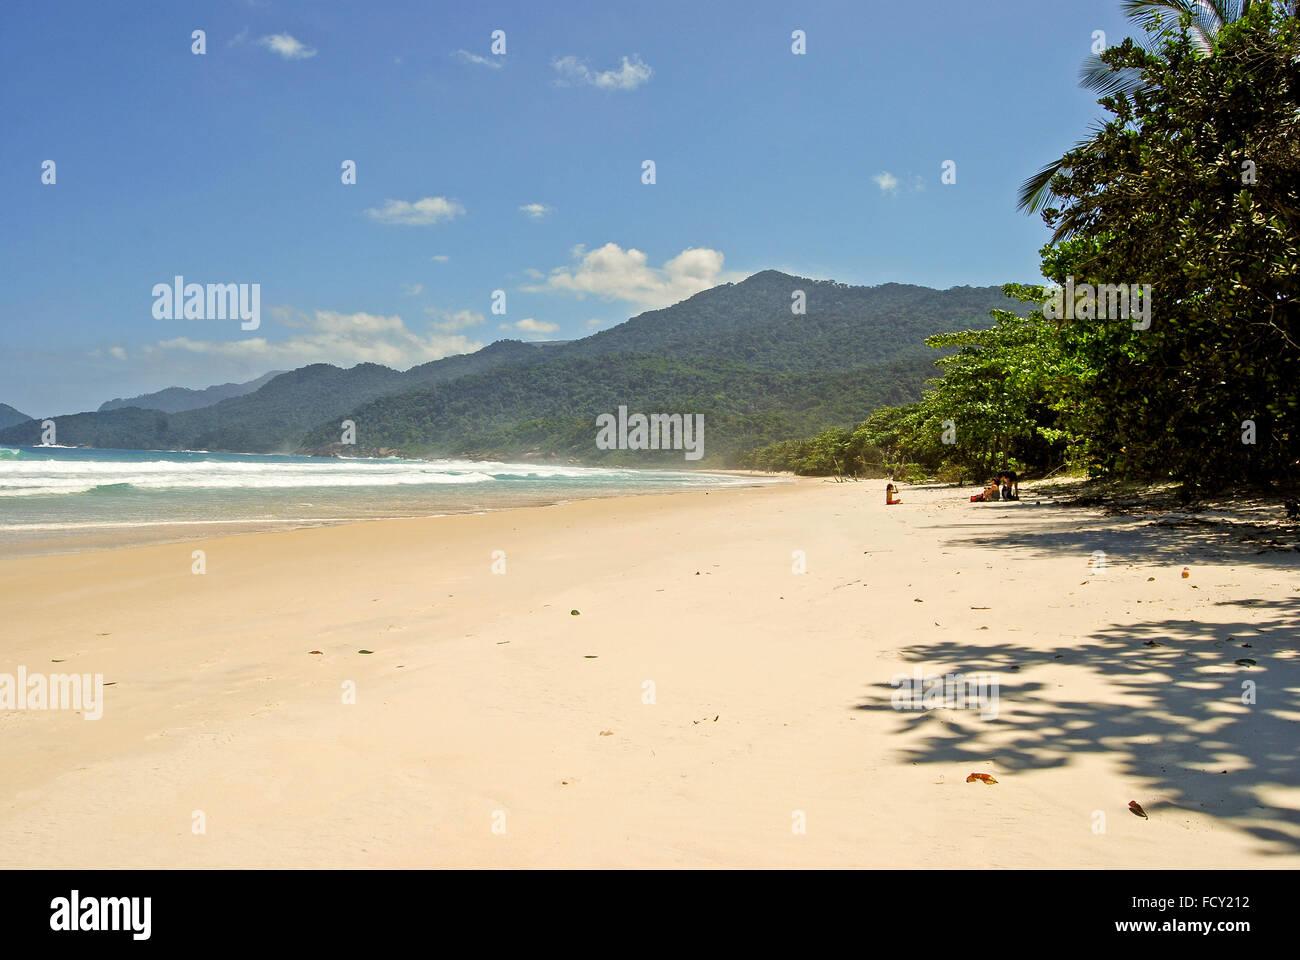 Ilha Grande Isola: spiaggia Praia Lopes Mendes, stato di Rio de Janeiro, Brasile America del Sud Immagini Stock